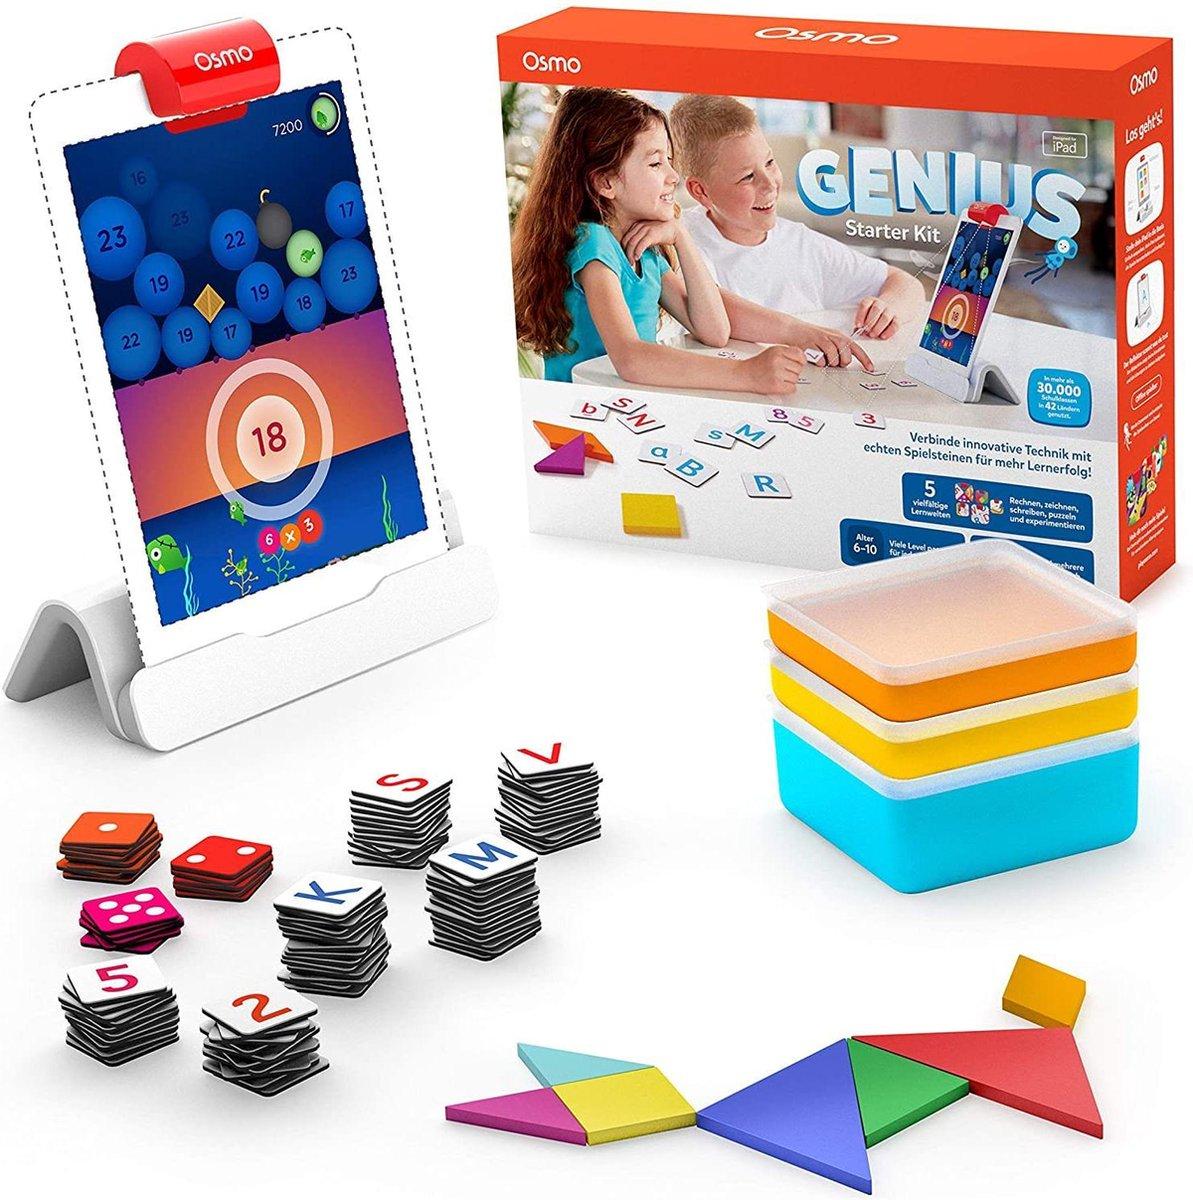 Osmo Genius Starter Kit - Educatief speelgoed voor iPad